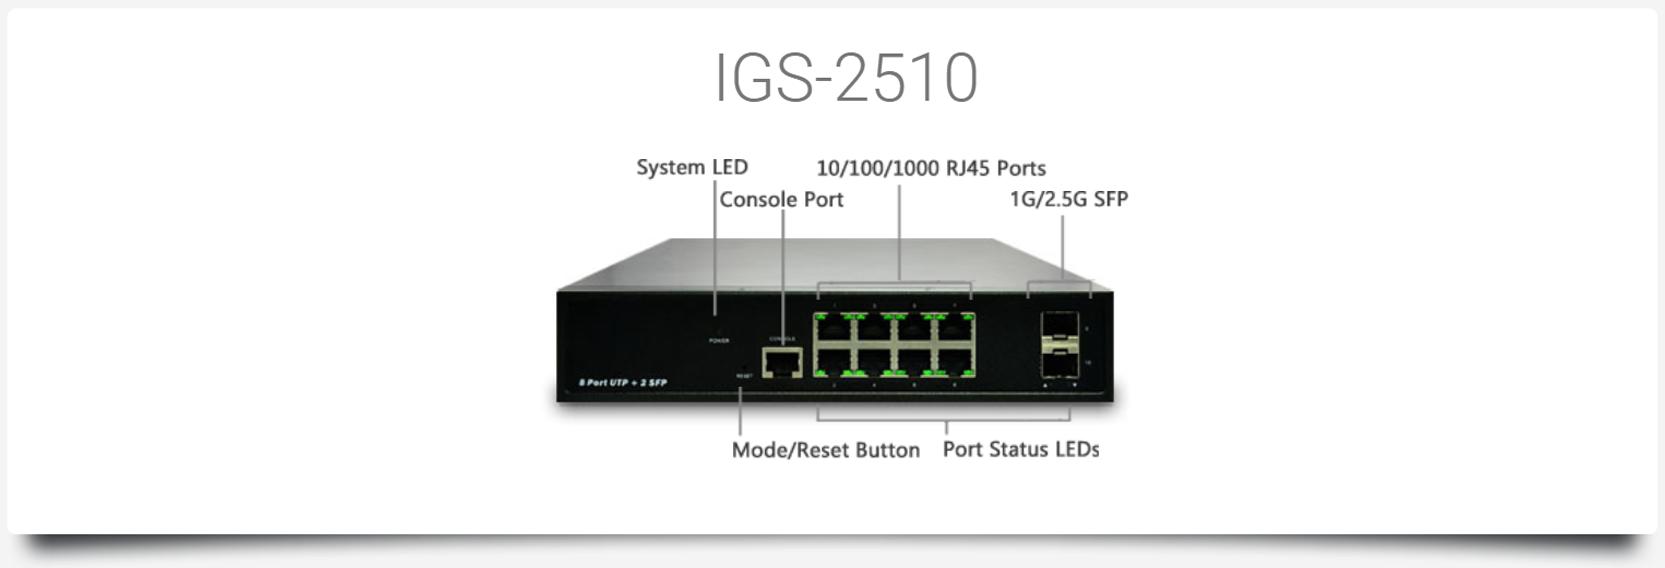 IGS-2510